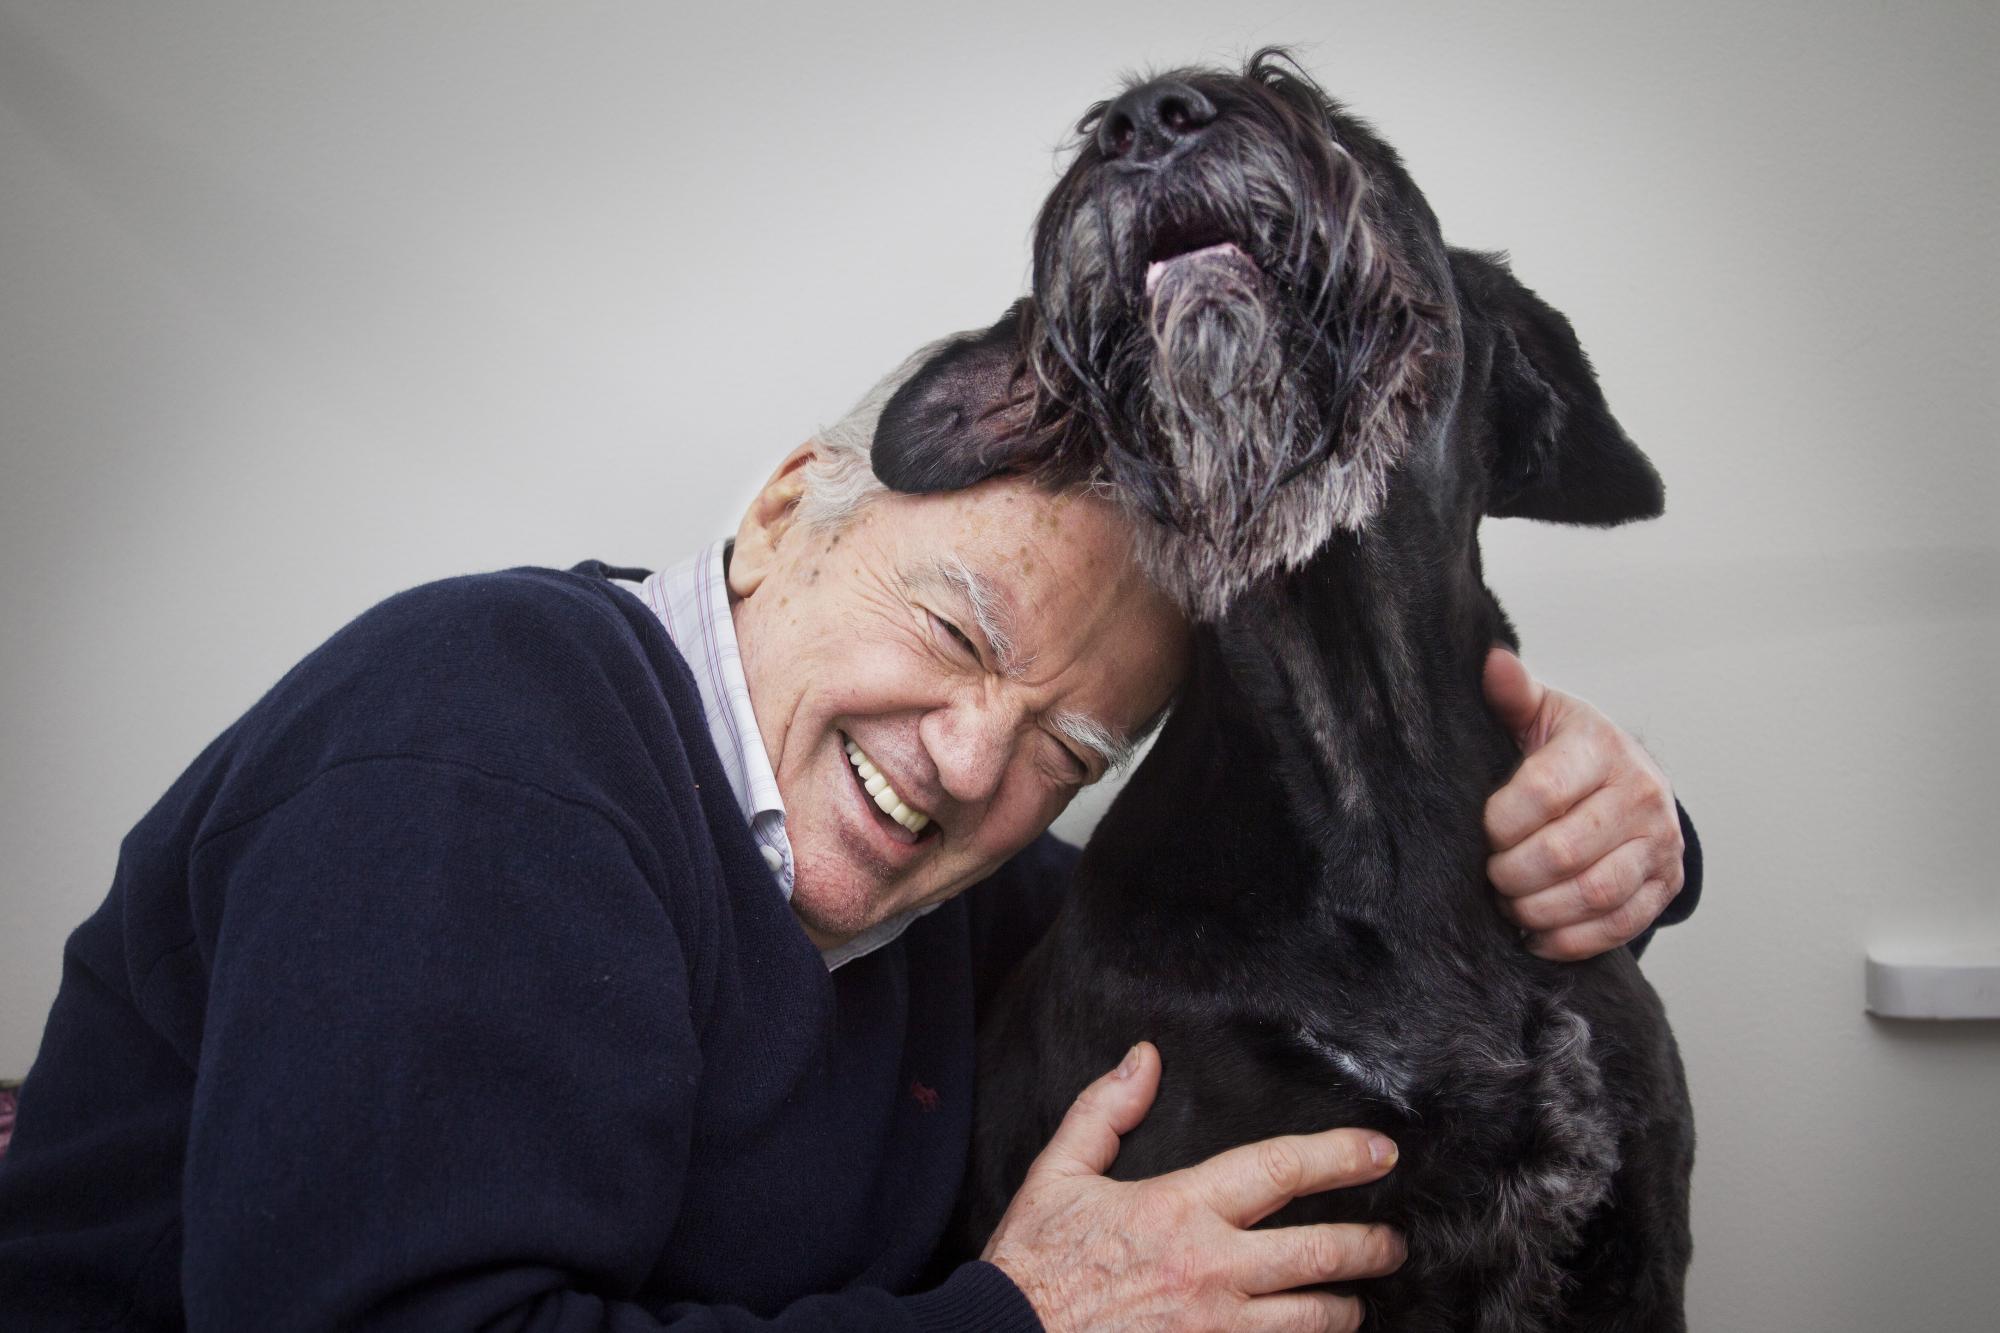 Förutom den hjälp somGyörgy har fått av sina hundar i sin forskning värdesätter han samvaron med dem.